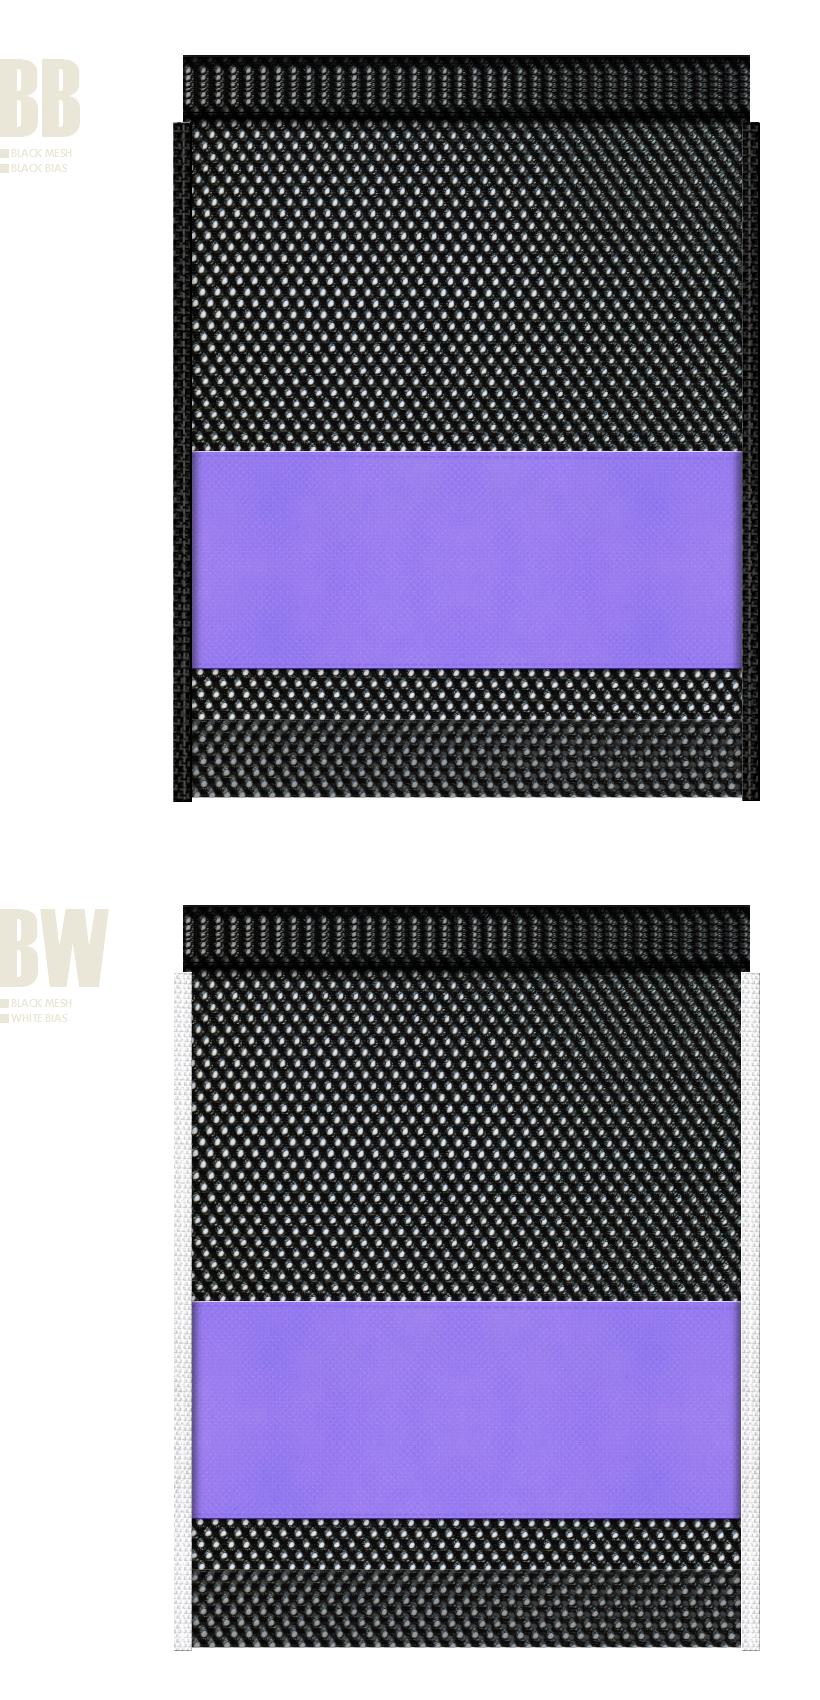 黒色メッシュと薄紫色不織布のメッシュバッグカラーシミュレーション:ハロウィン商品・スポーツ用品・シューズバッグにお奨め